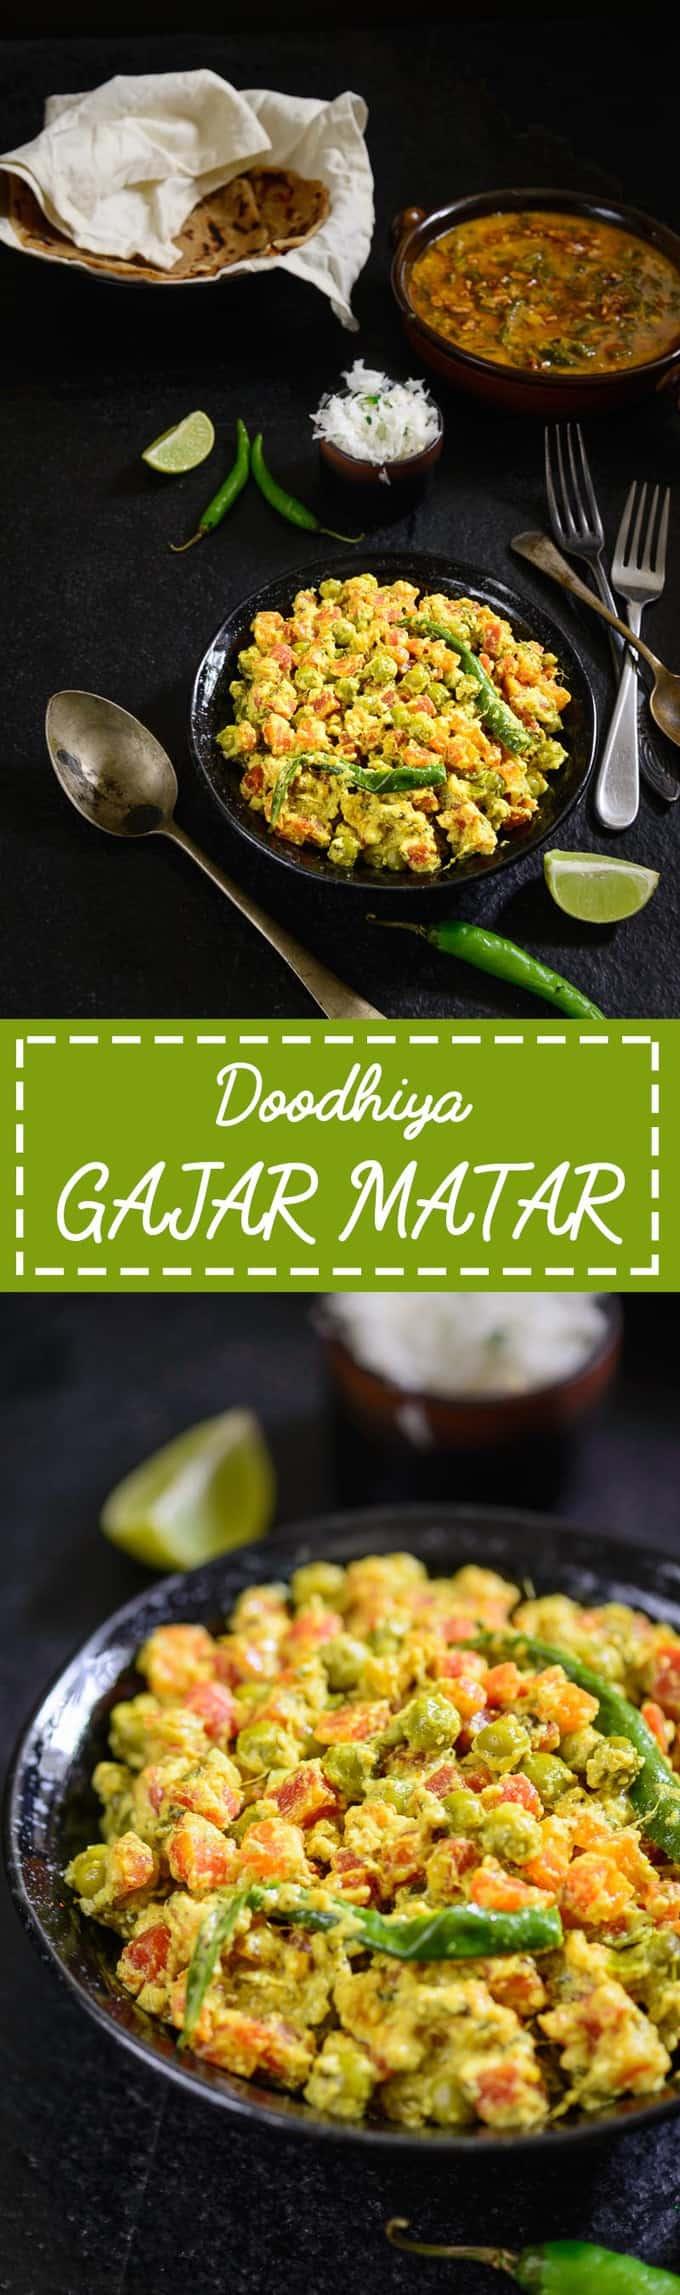 Doodhiya Gajar Matar